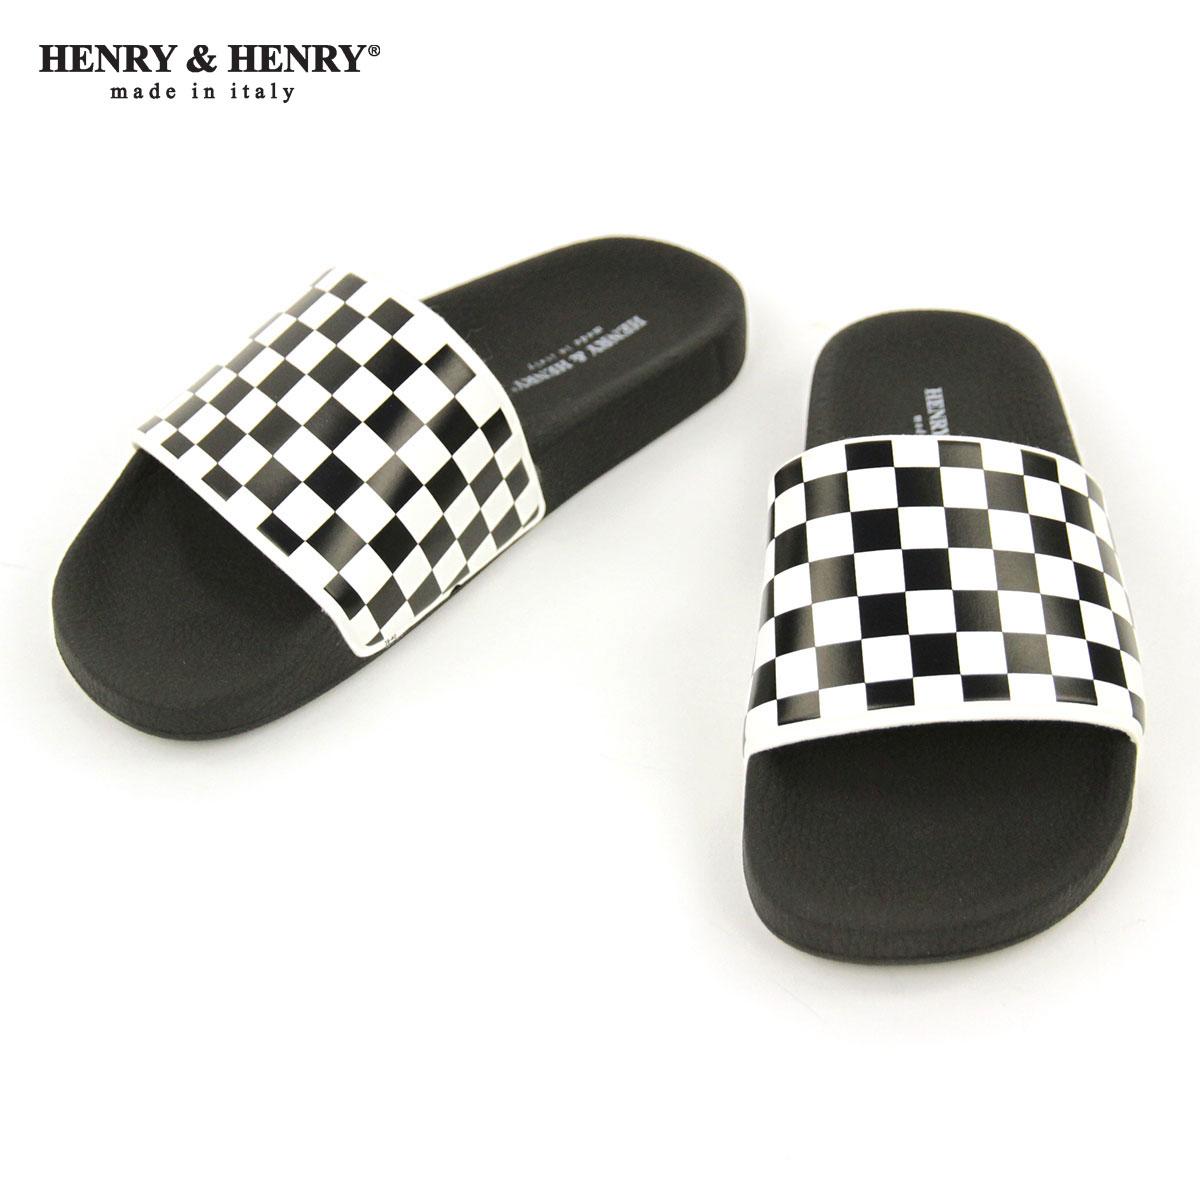 ヘンリーアンドヘンリー HENRY&HENRY 正規販売店 サンダル シャワーサンダル 180 CHECKER SHOWER SANDAL BIANCO BLACK WHITE CHECKER BLACK SOLE A66B B3C C4D D3E E13F